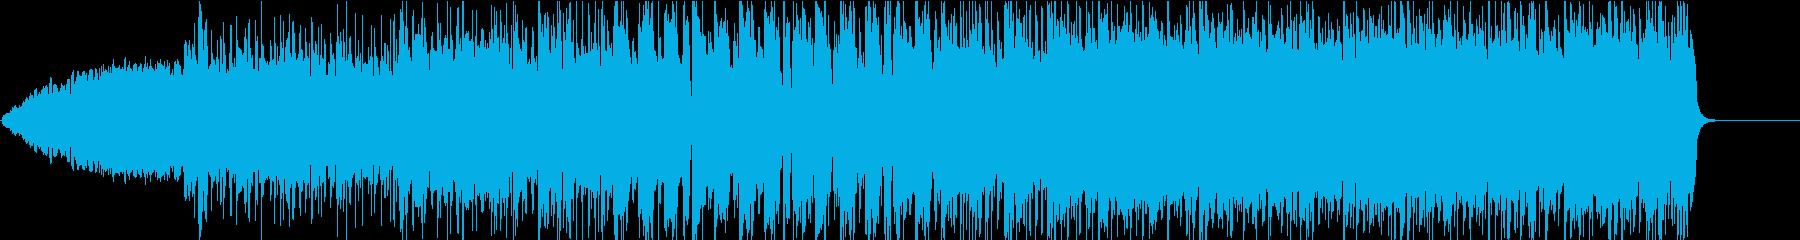 緊迫感のある重く激しいロックの再生済みの波形